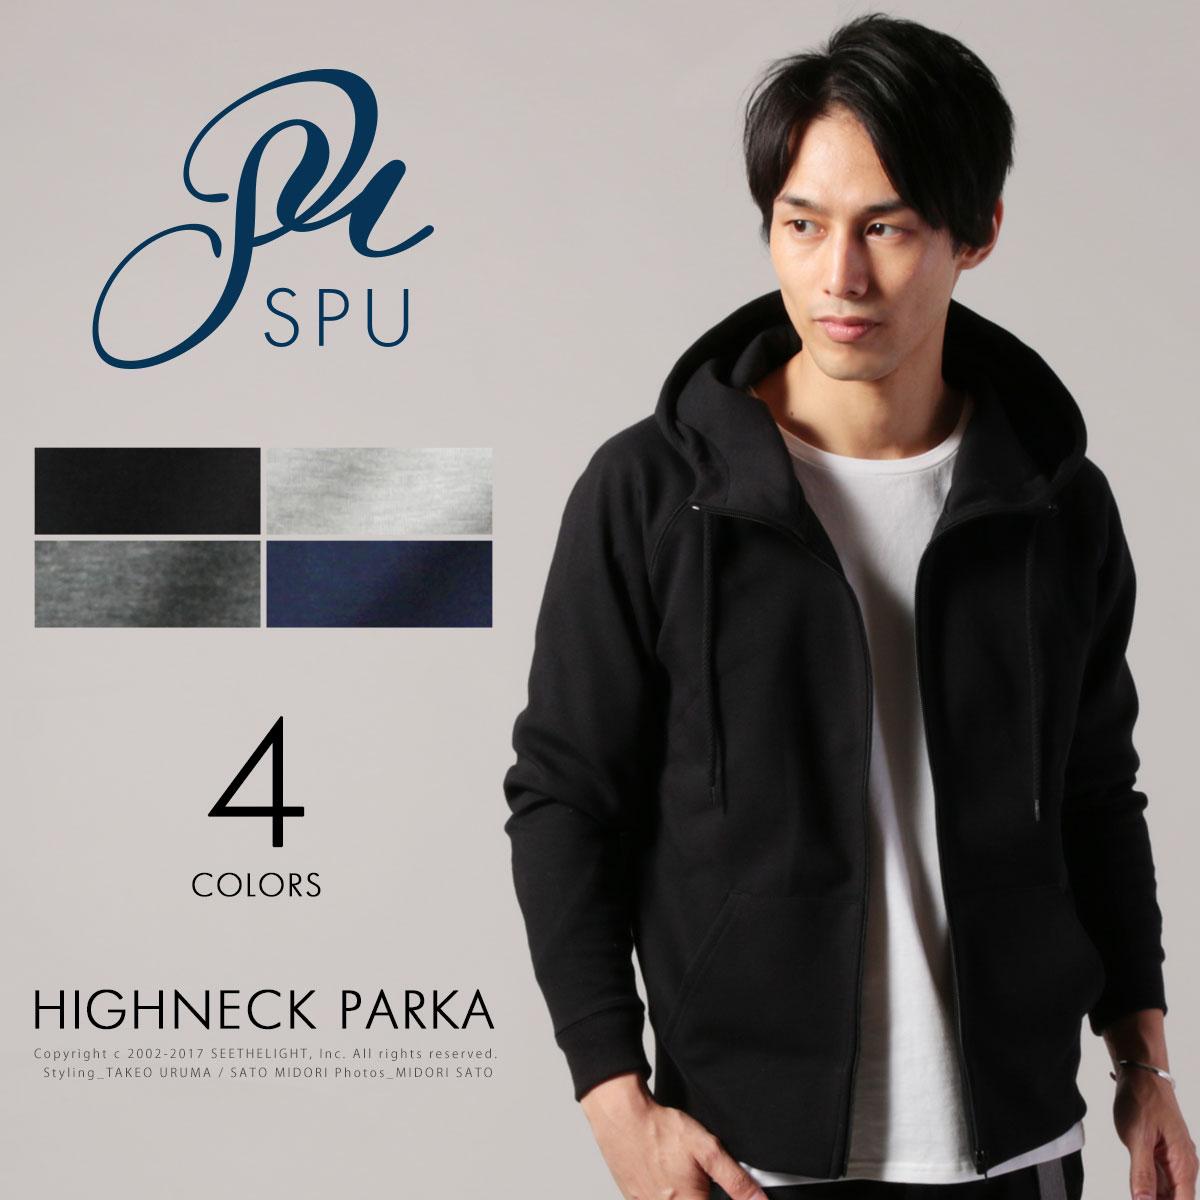 【セール対象】メンズ パーカー メンズファッション ハイブリッド ストレッチ ハイネックパーカー SPU スプ